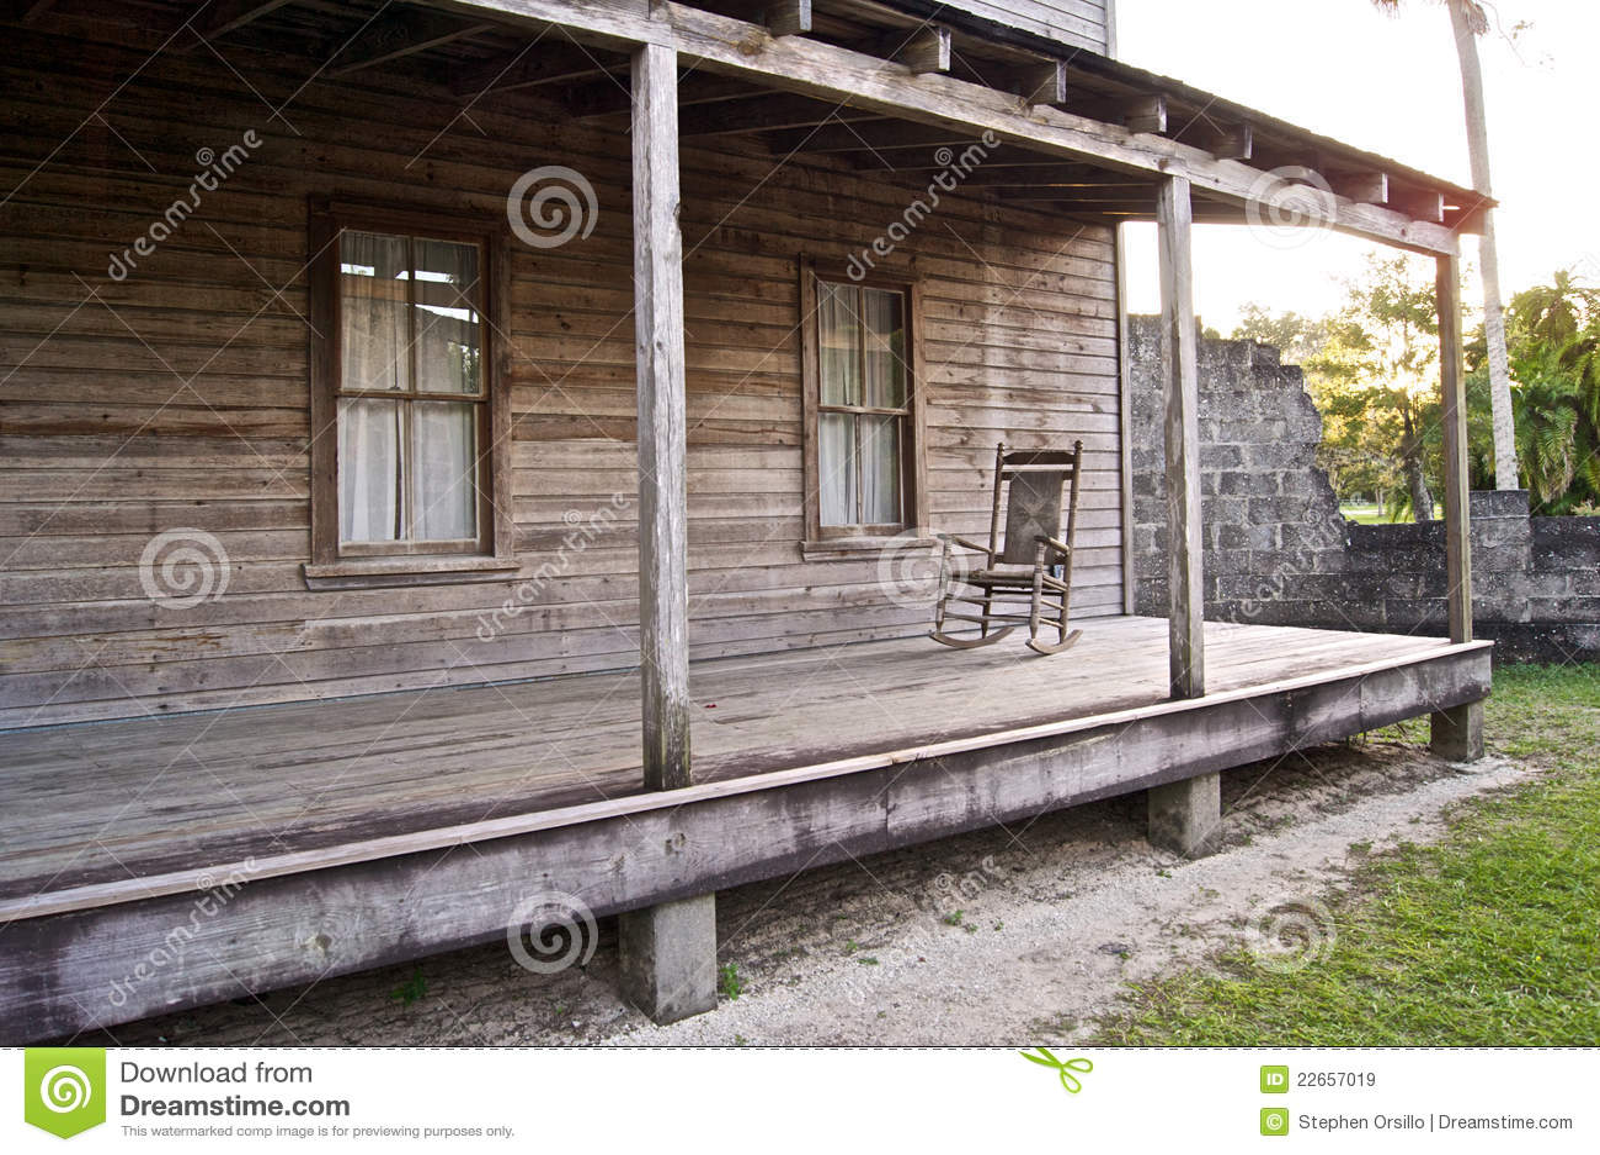 Oud houten huis met schommelstoel royalty vrije stock afbeeldingen afbeelding 22657019 - Oud huis ...